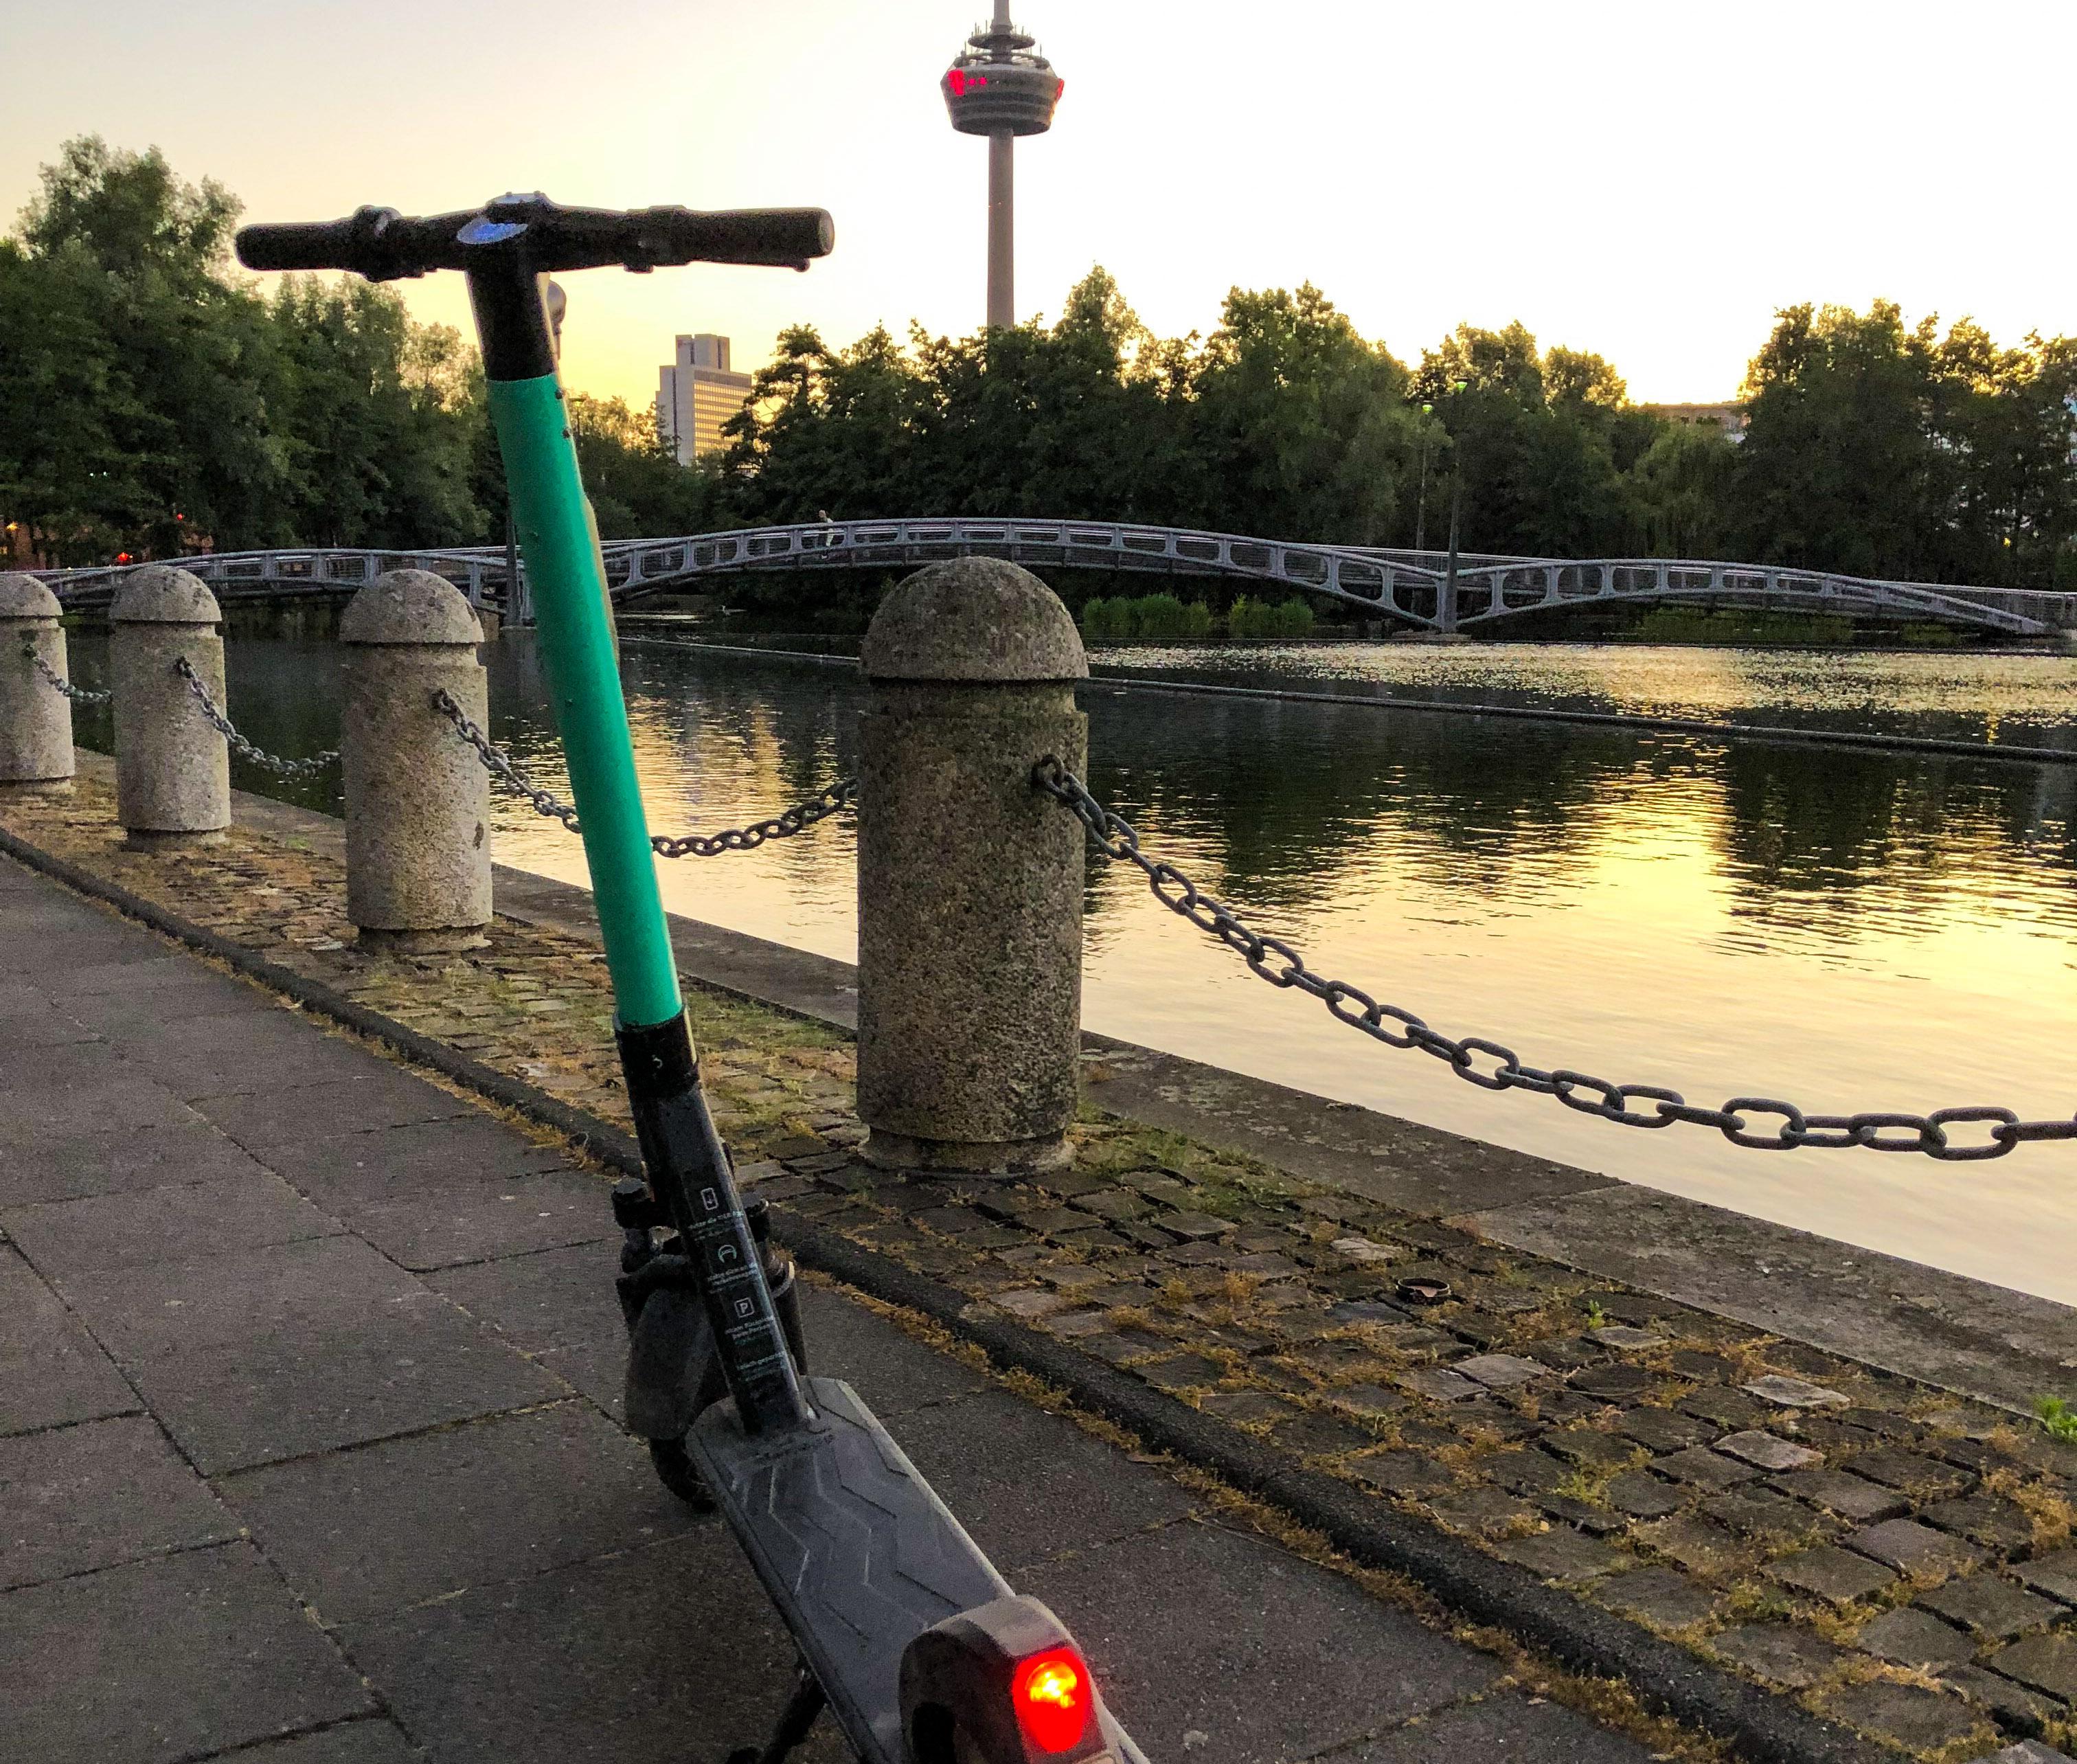 E-Scooter, Köln, Roadtrip, Veedel, mit dem E-Scooter durch Köln